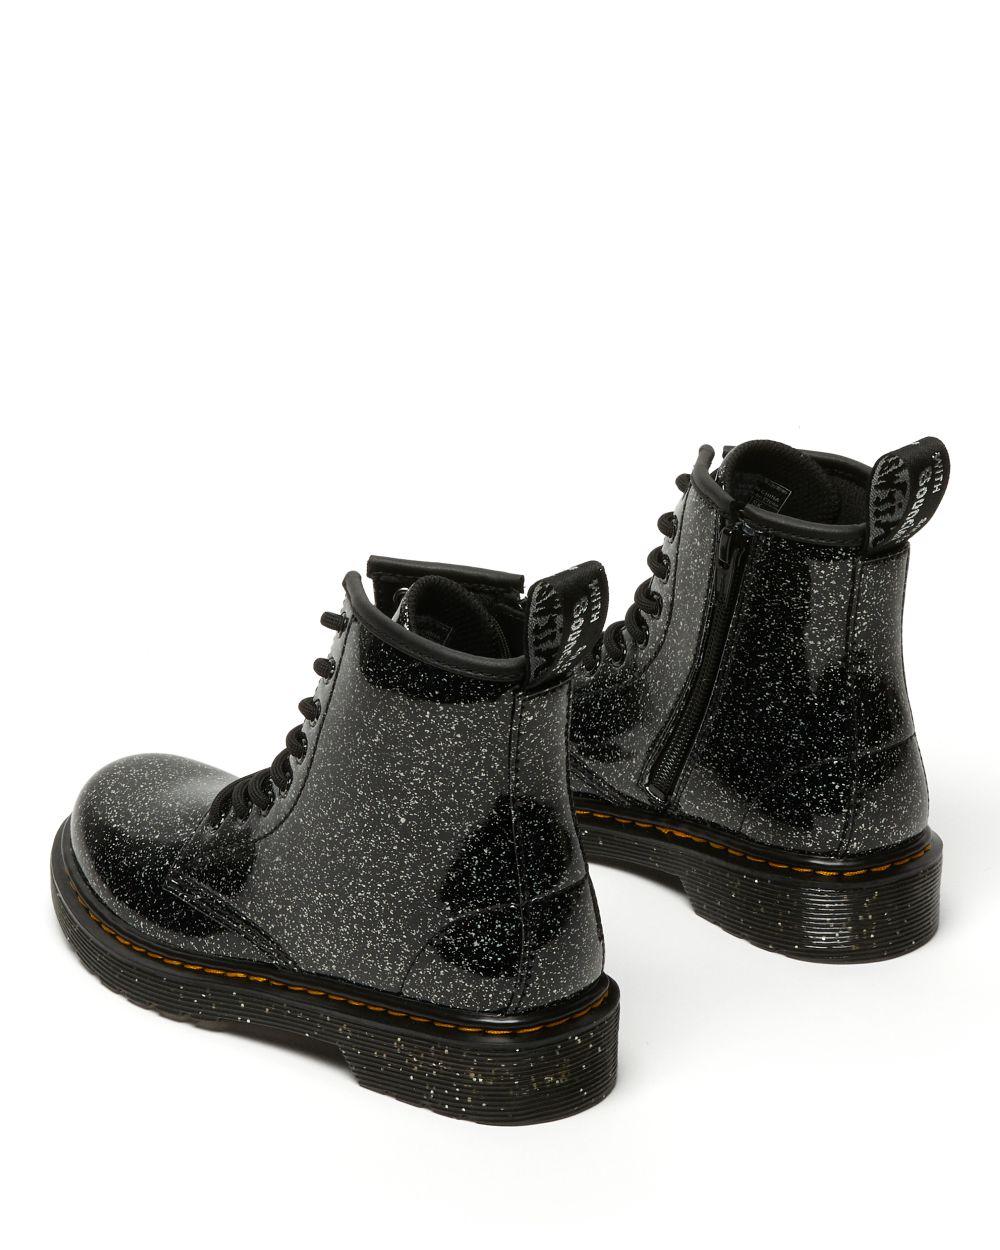 Dr. Martens 1460 Junior Glitter ankelstøvle, sort glitter, 32